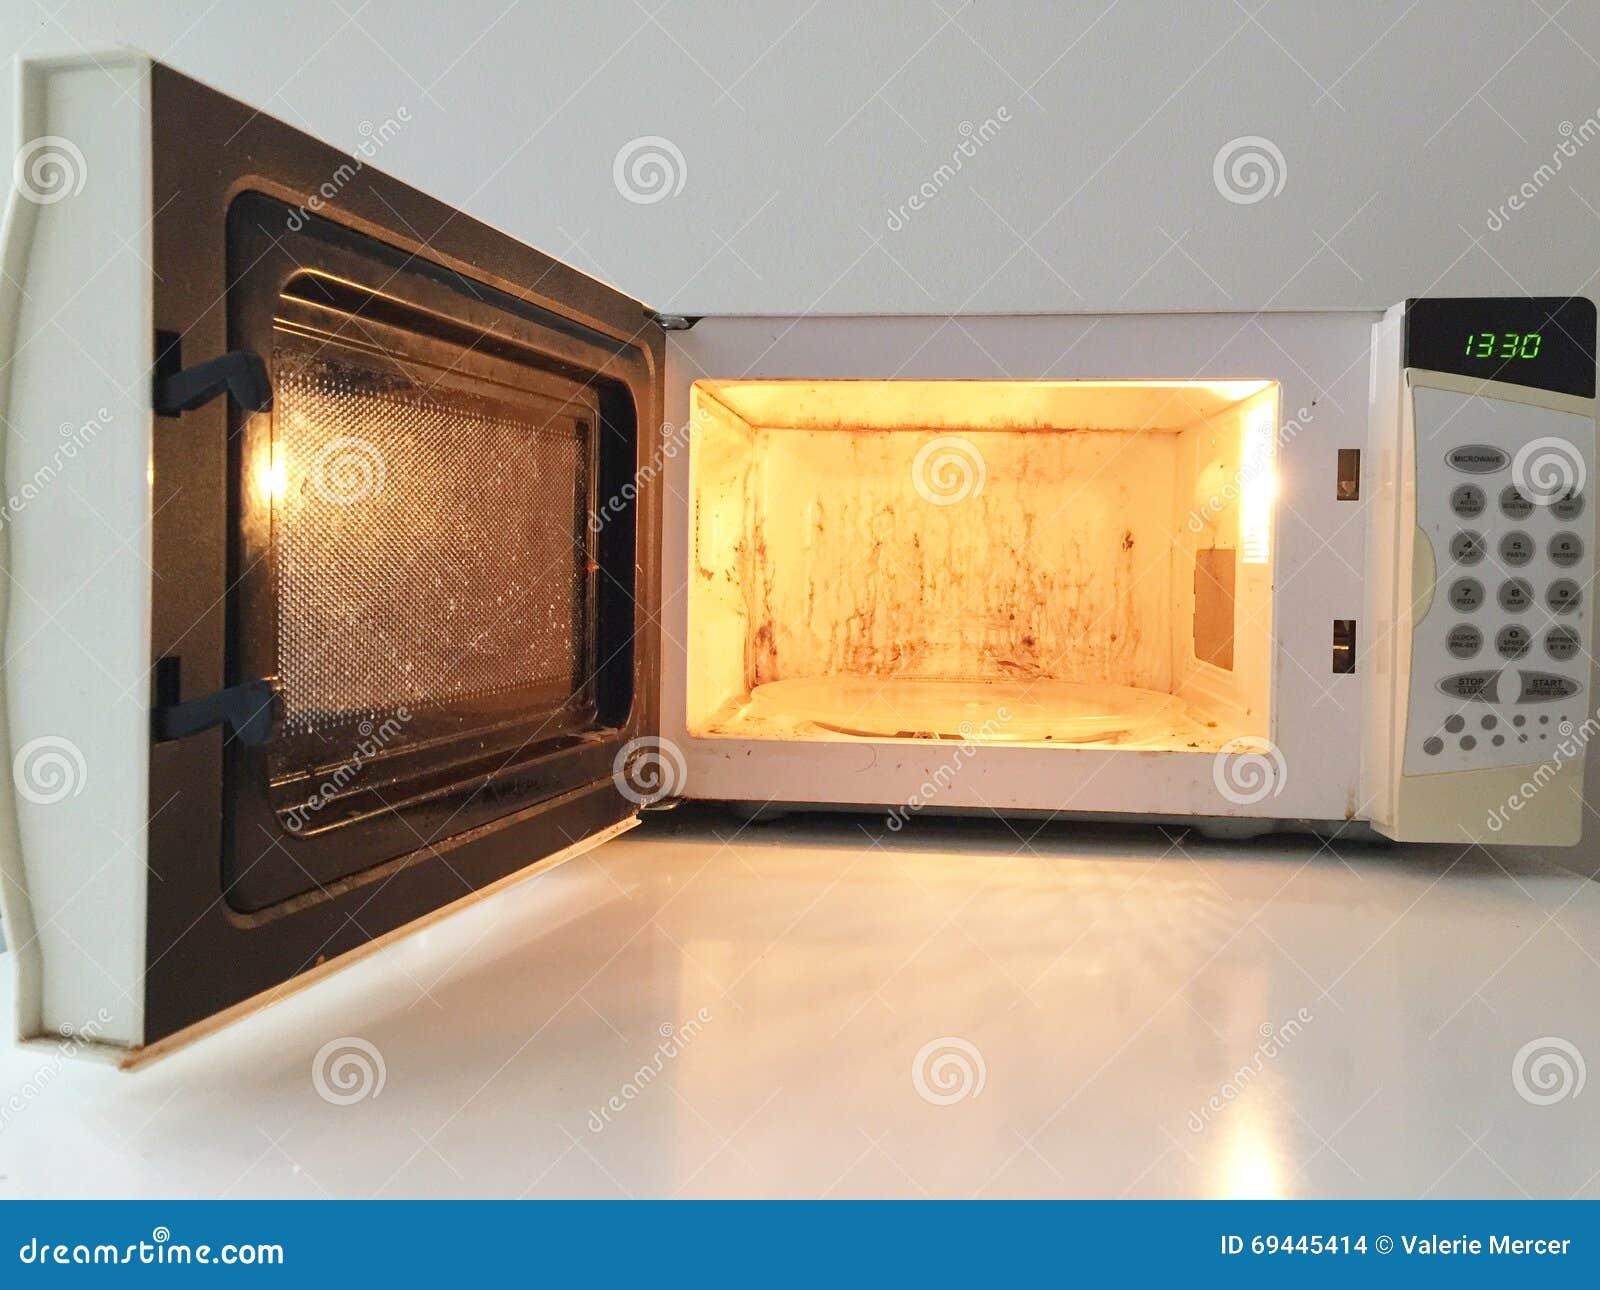 Dirty Microwave Oven ~ Dirty microwave oven stock photo image